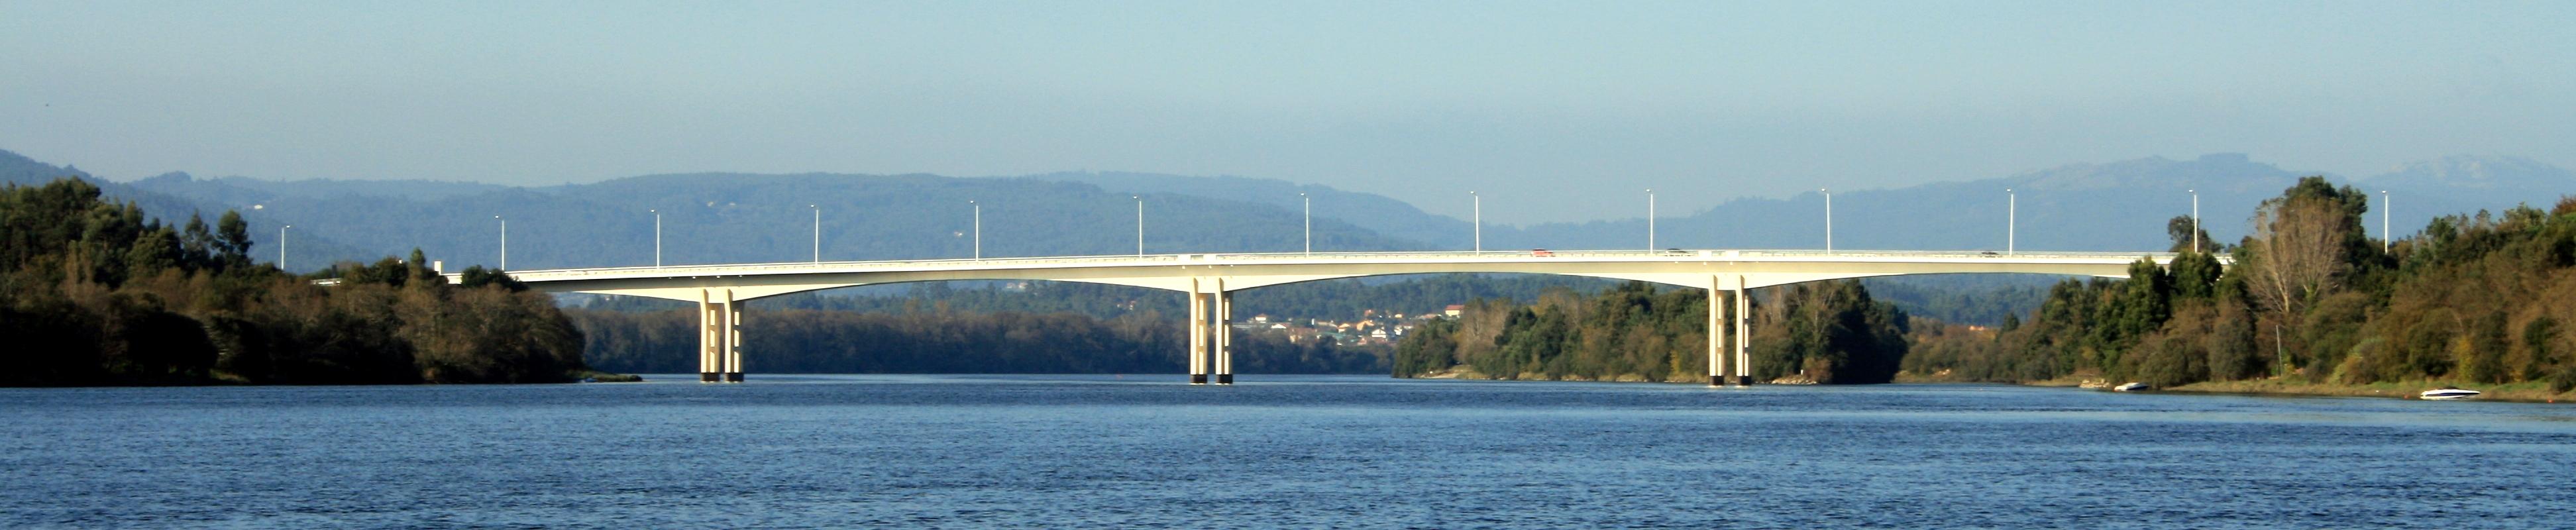 File bridge over minho river r o mi o in vila nova de cerveira wikimedia commons - Vilanova de cerveira ...